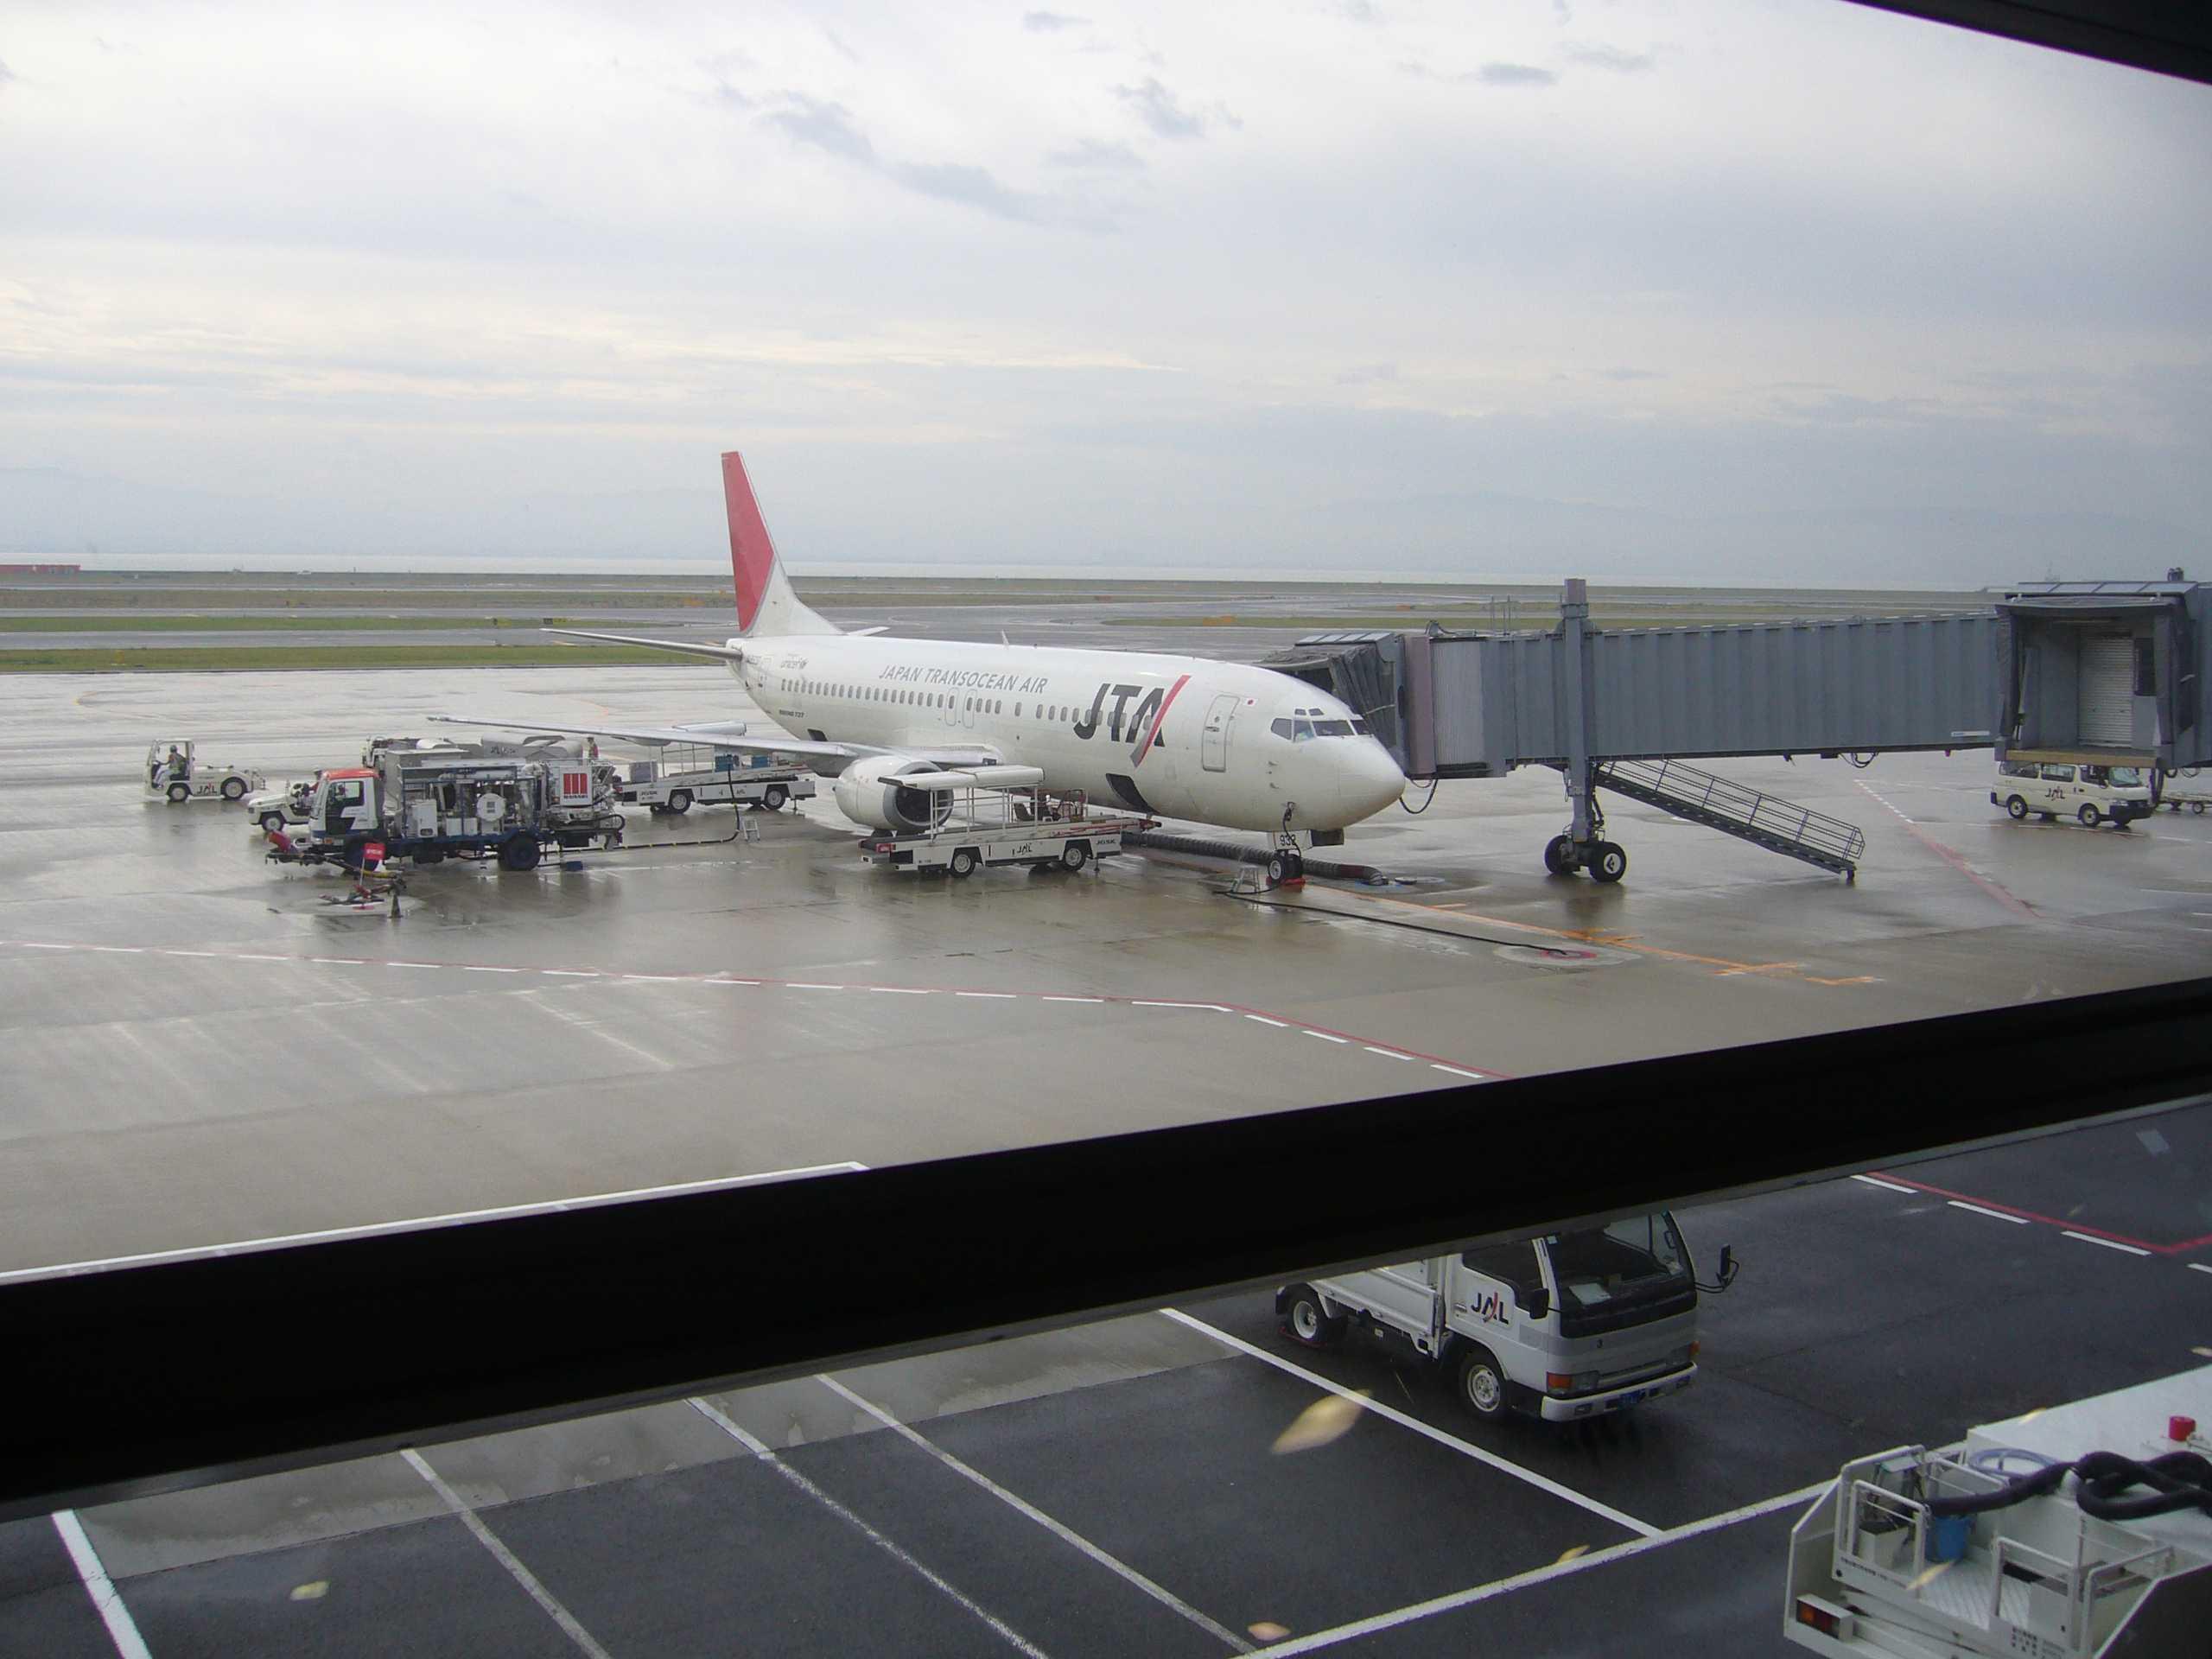 関西空港に駐機中のJTAのB737